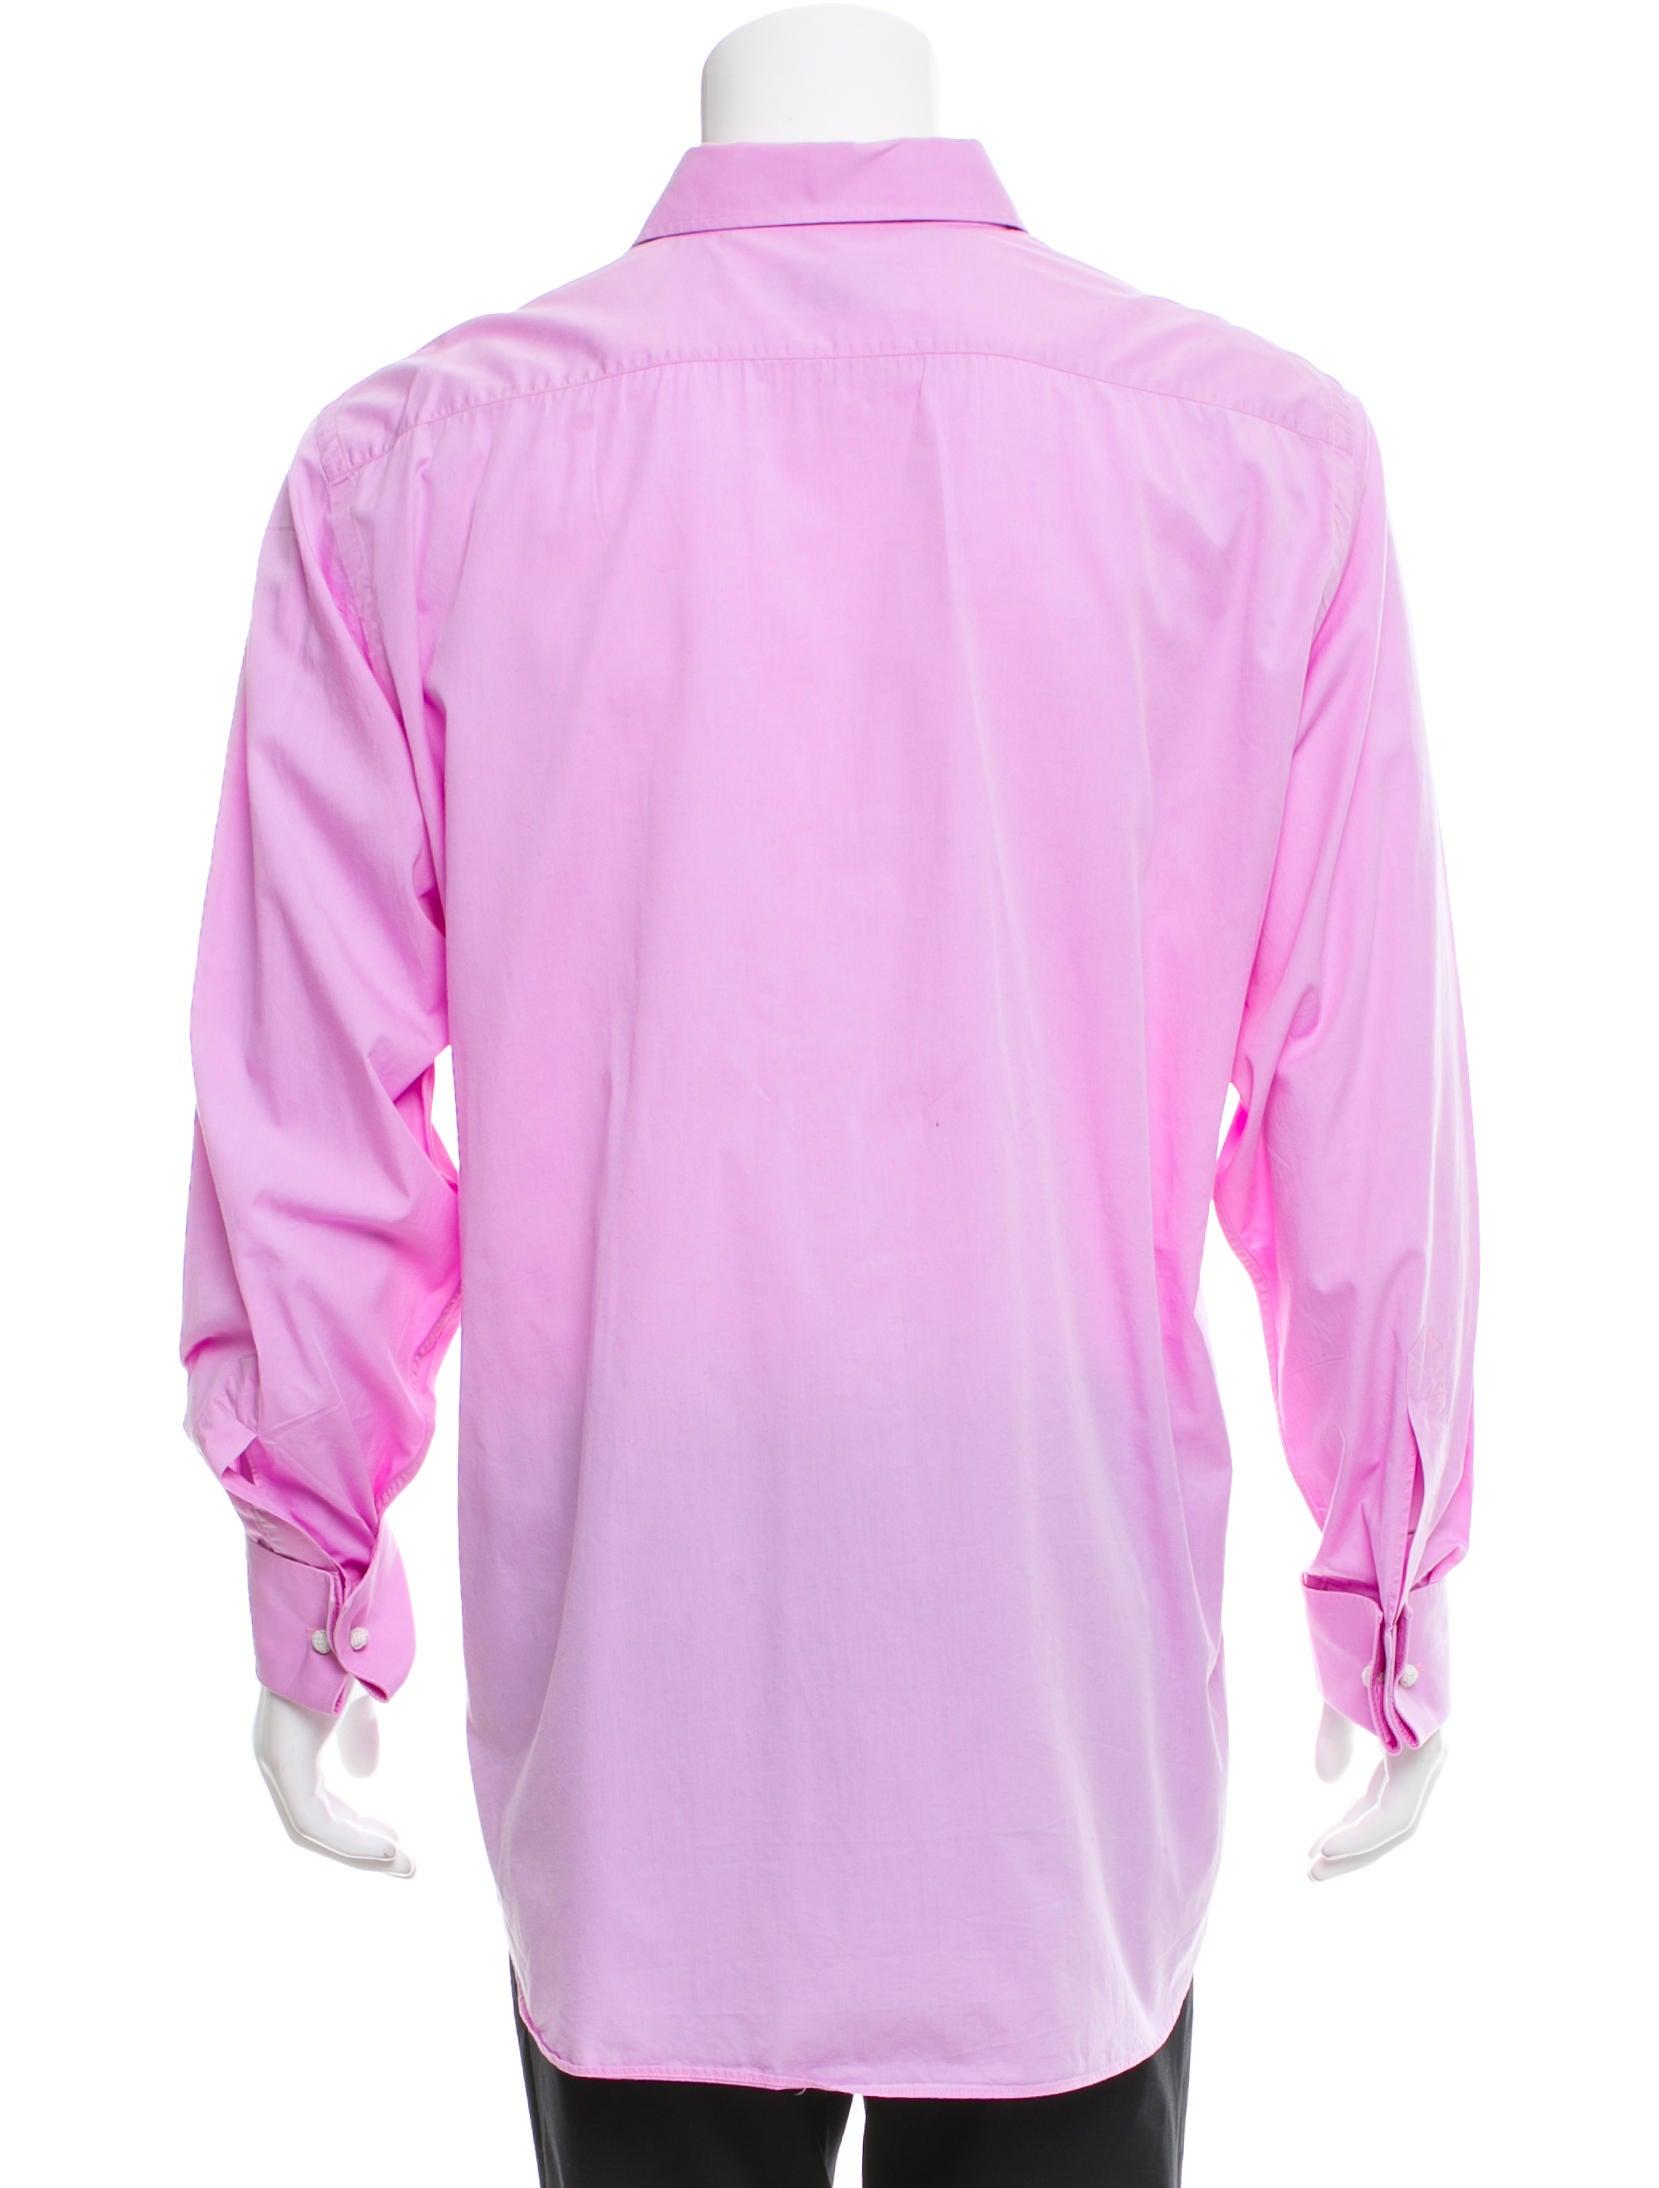 Etro french cuff button up shirt clothing etr47572 French cuff shirt women